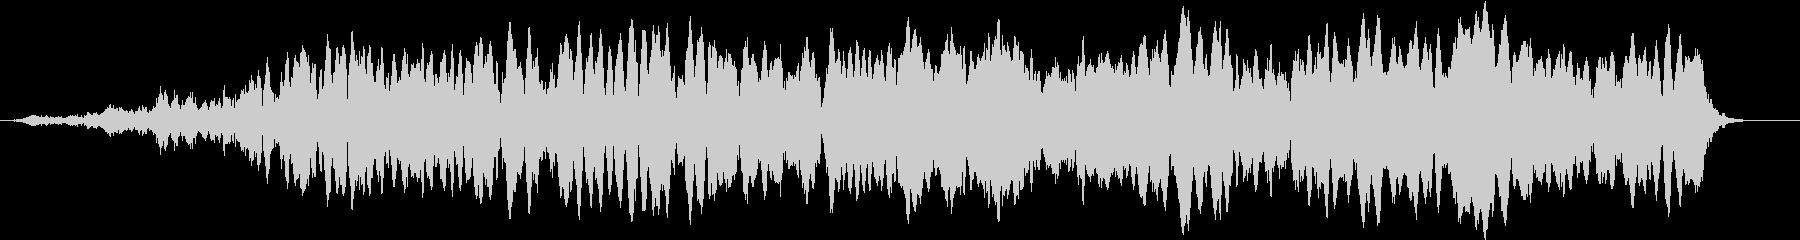 「おおおおお」デスボイス(高い声)の未再生の波形